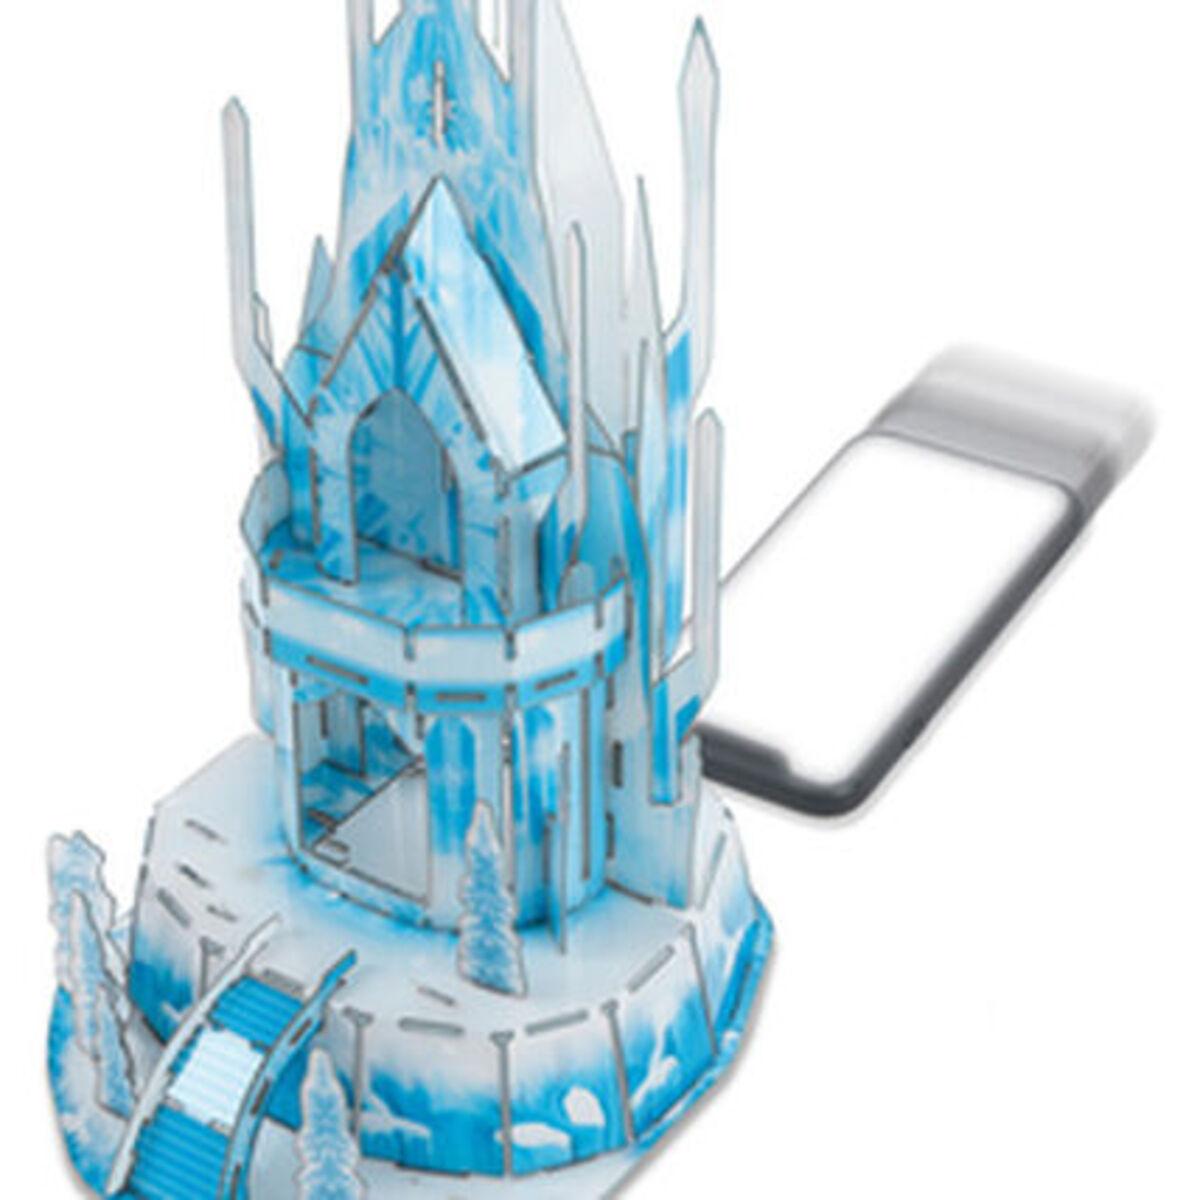 Bild 2 von Spin Master Frozen 2 Eis Palast 3D-Puzzle